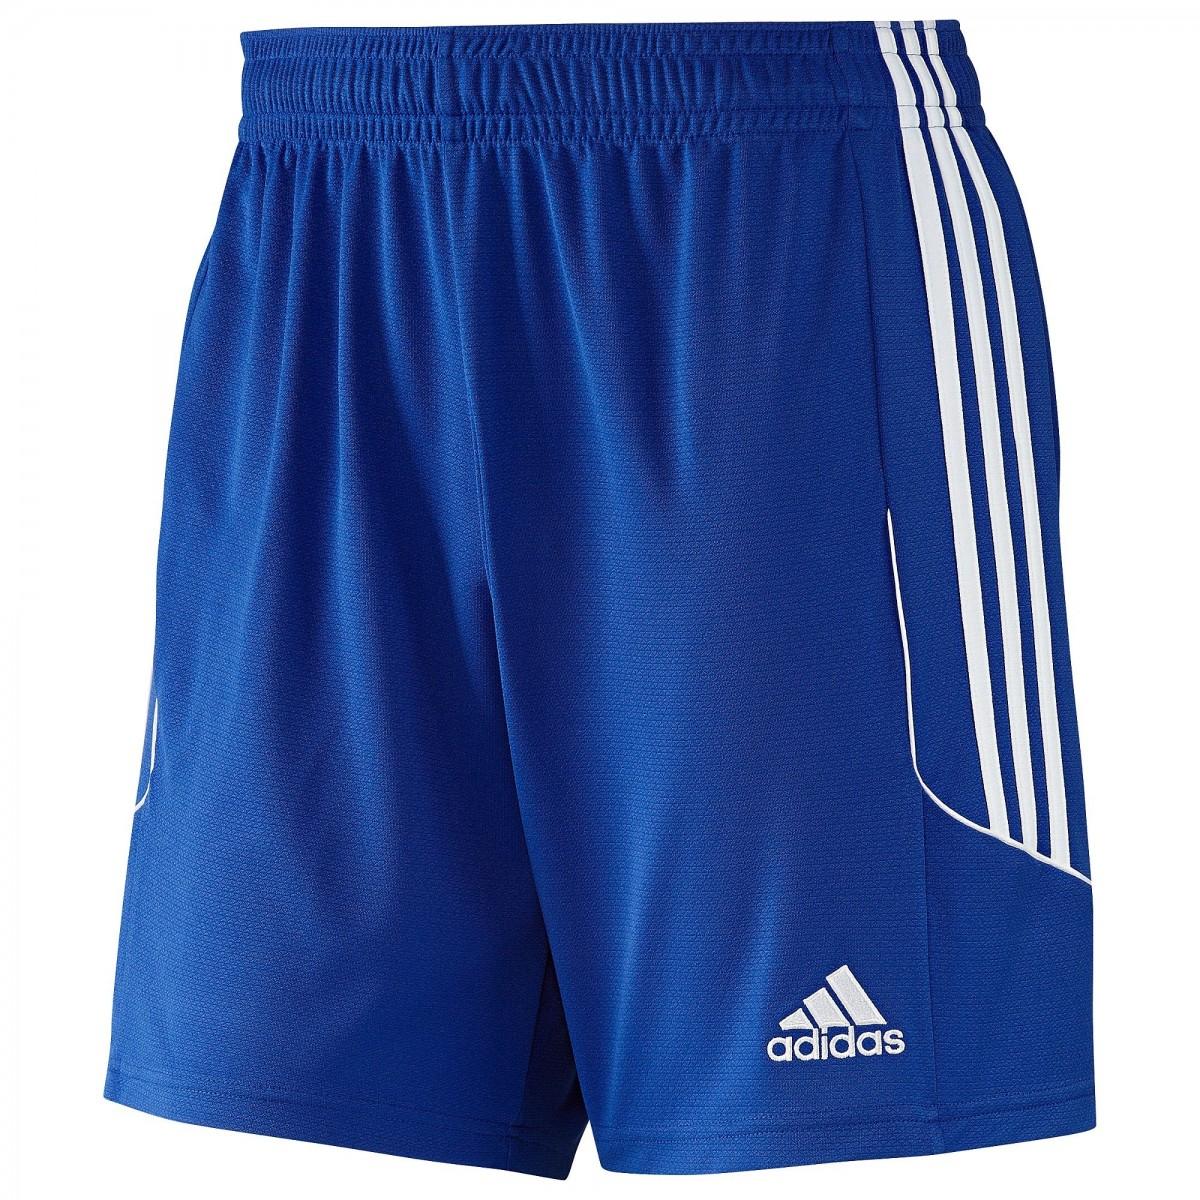 2ddf05be9d Calção de Futebol Adidas Short Squadra 13 Z21561 - Azul Branco ...